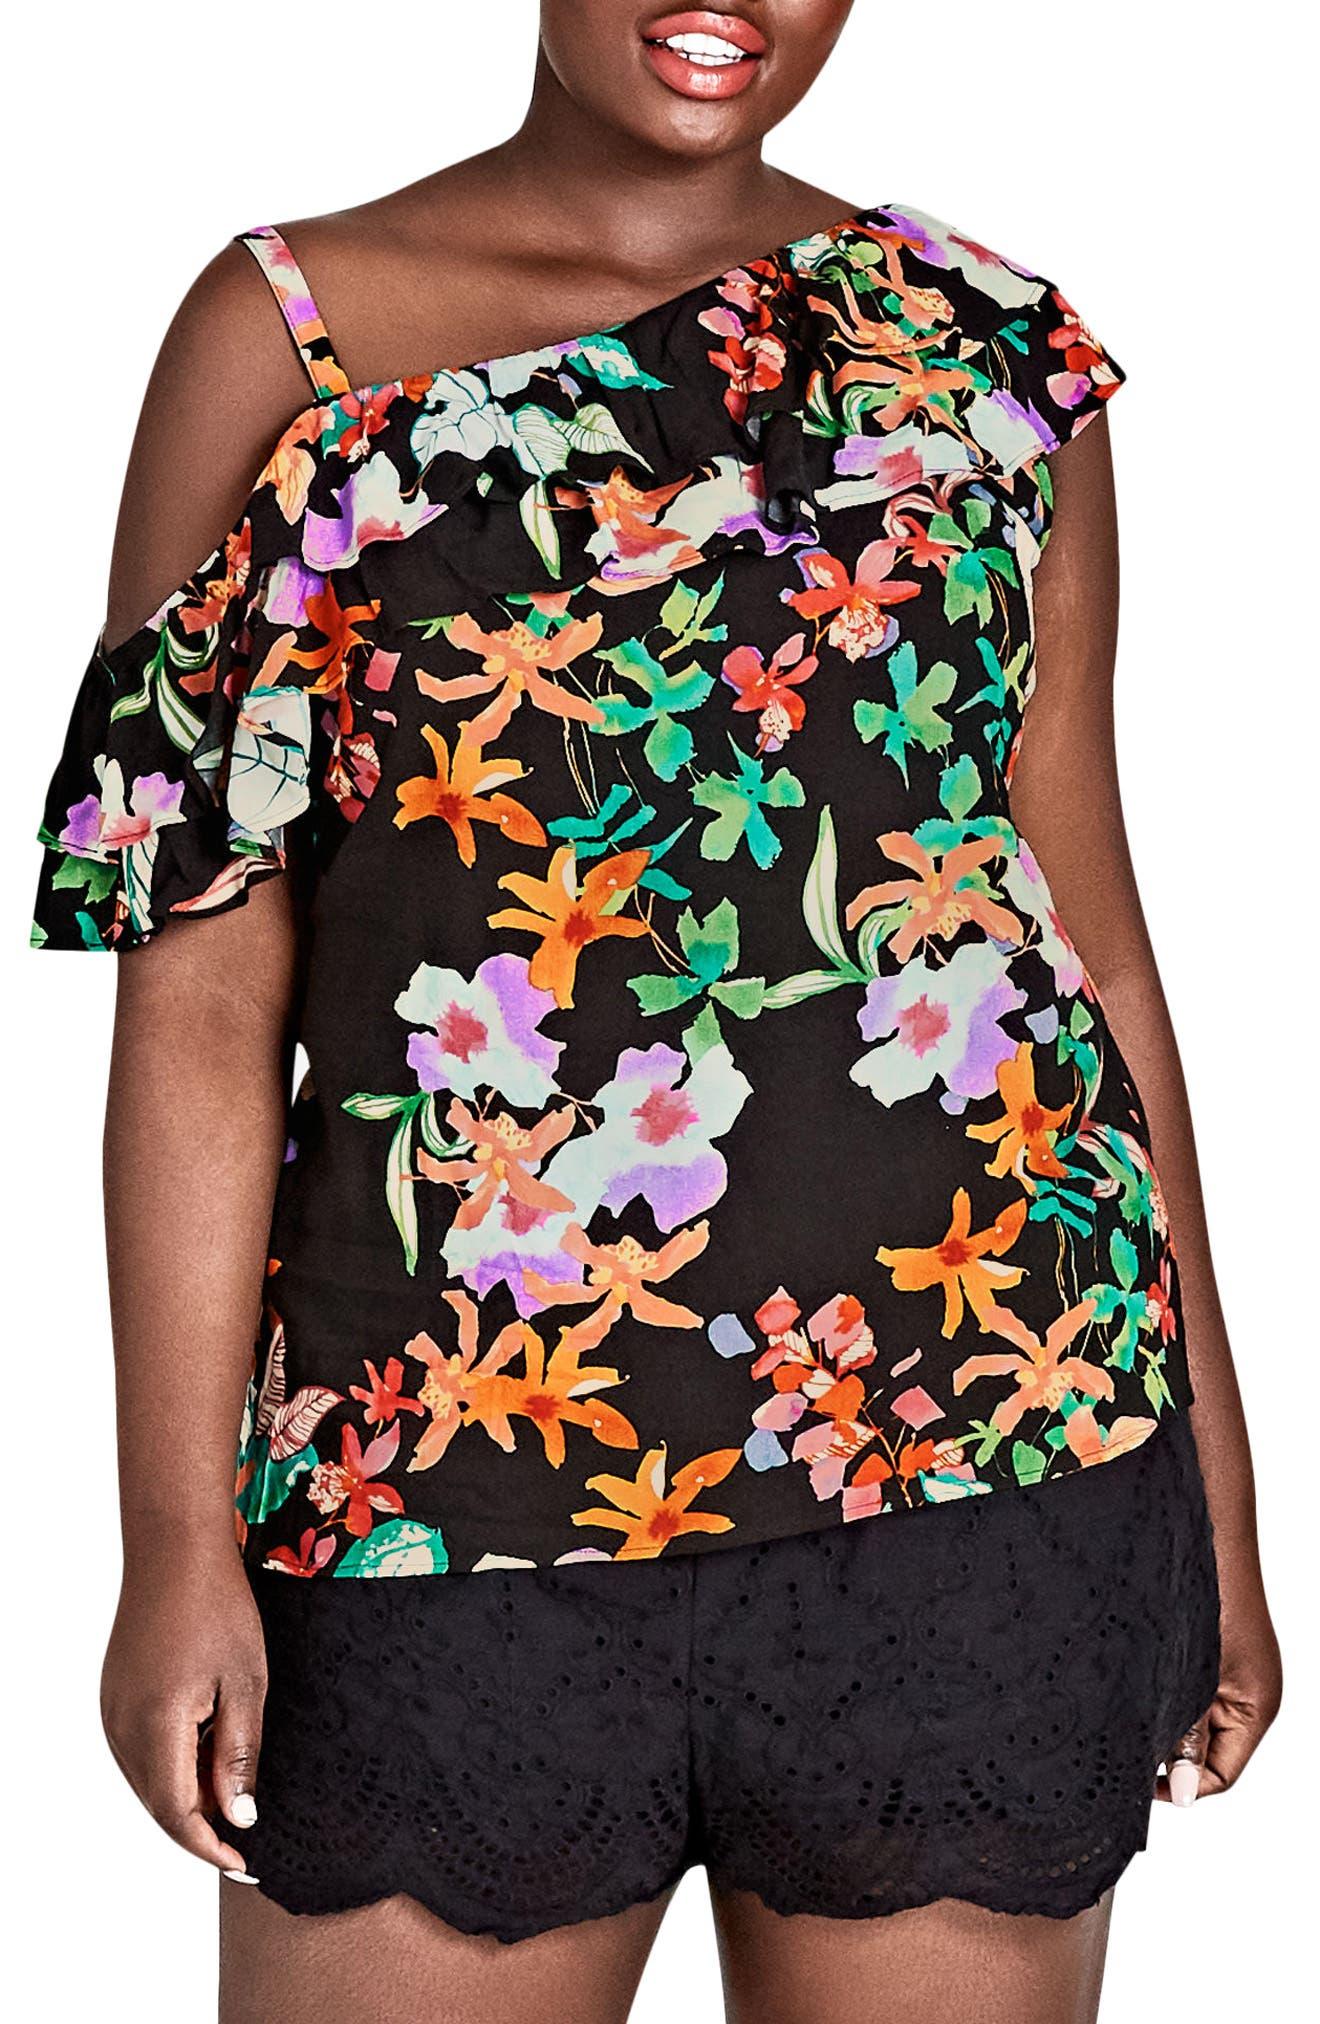 Molokai Floral Top,                         Main,                         color, MOLOKAI FLORAL